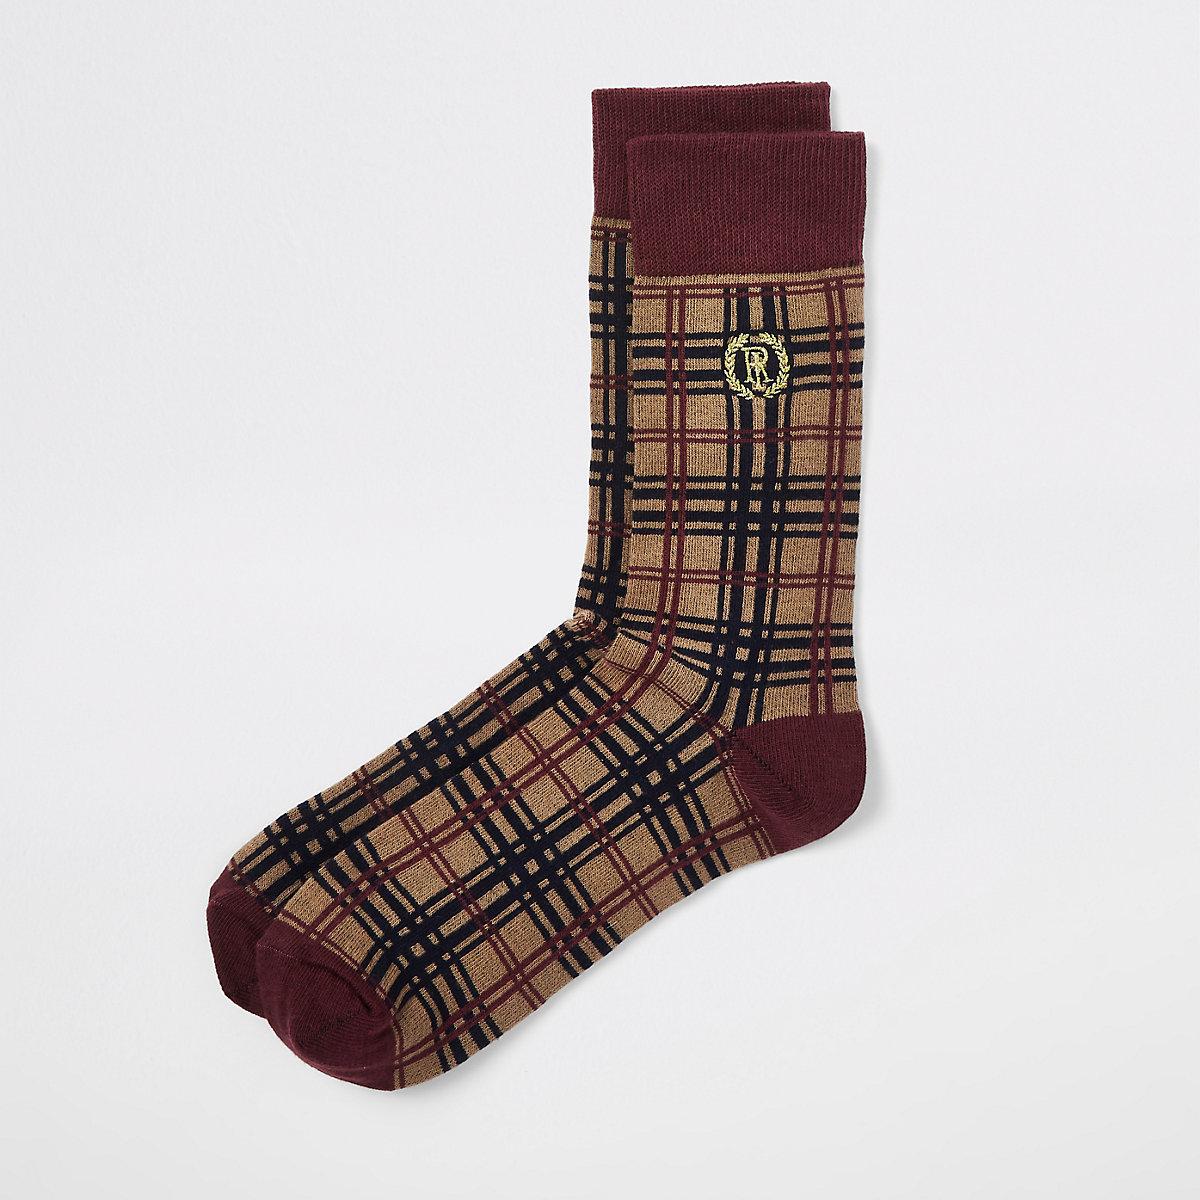 Chaussettes à écusson RI motif écossais marron